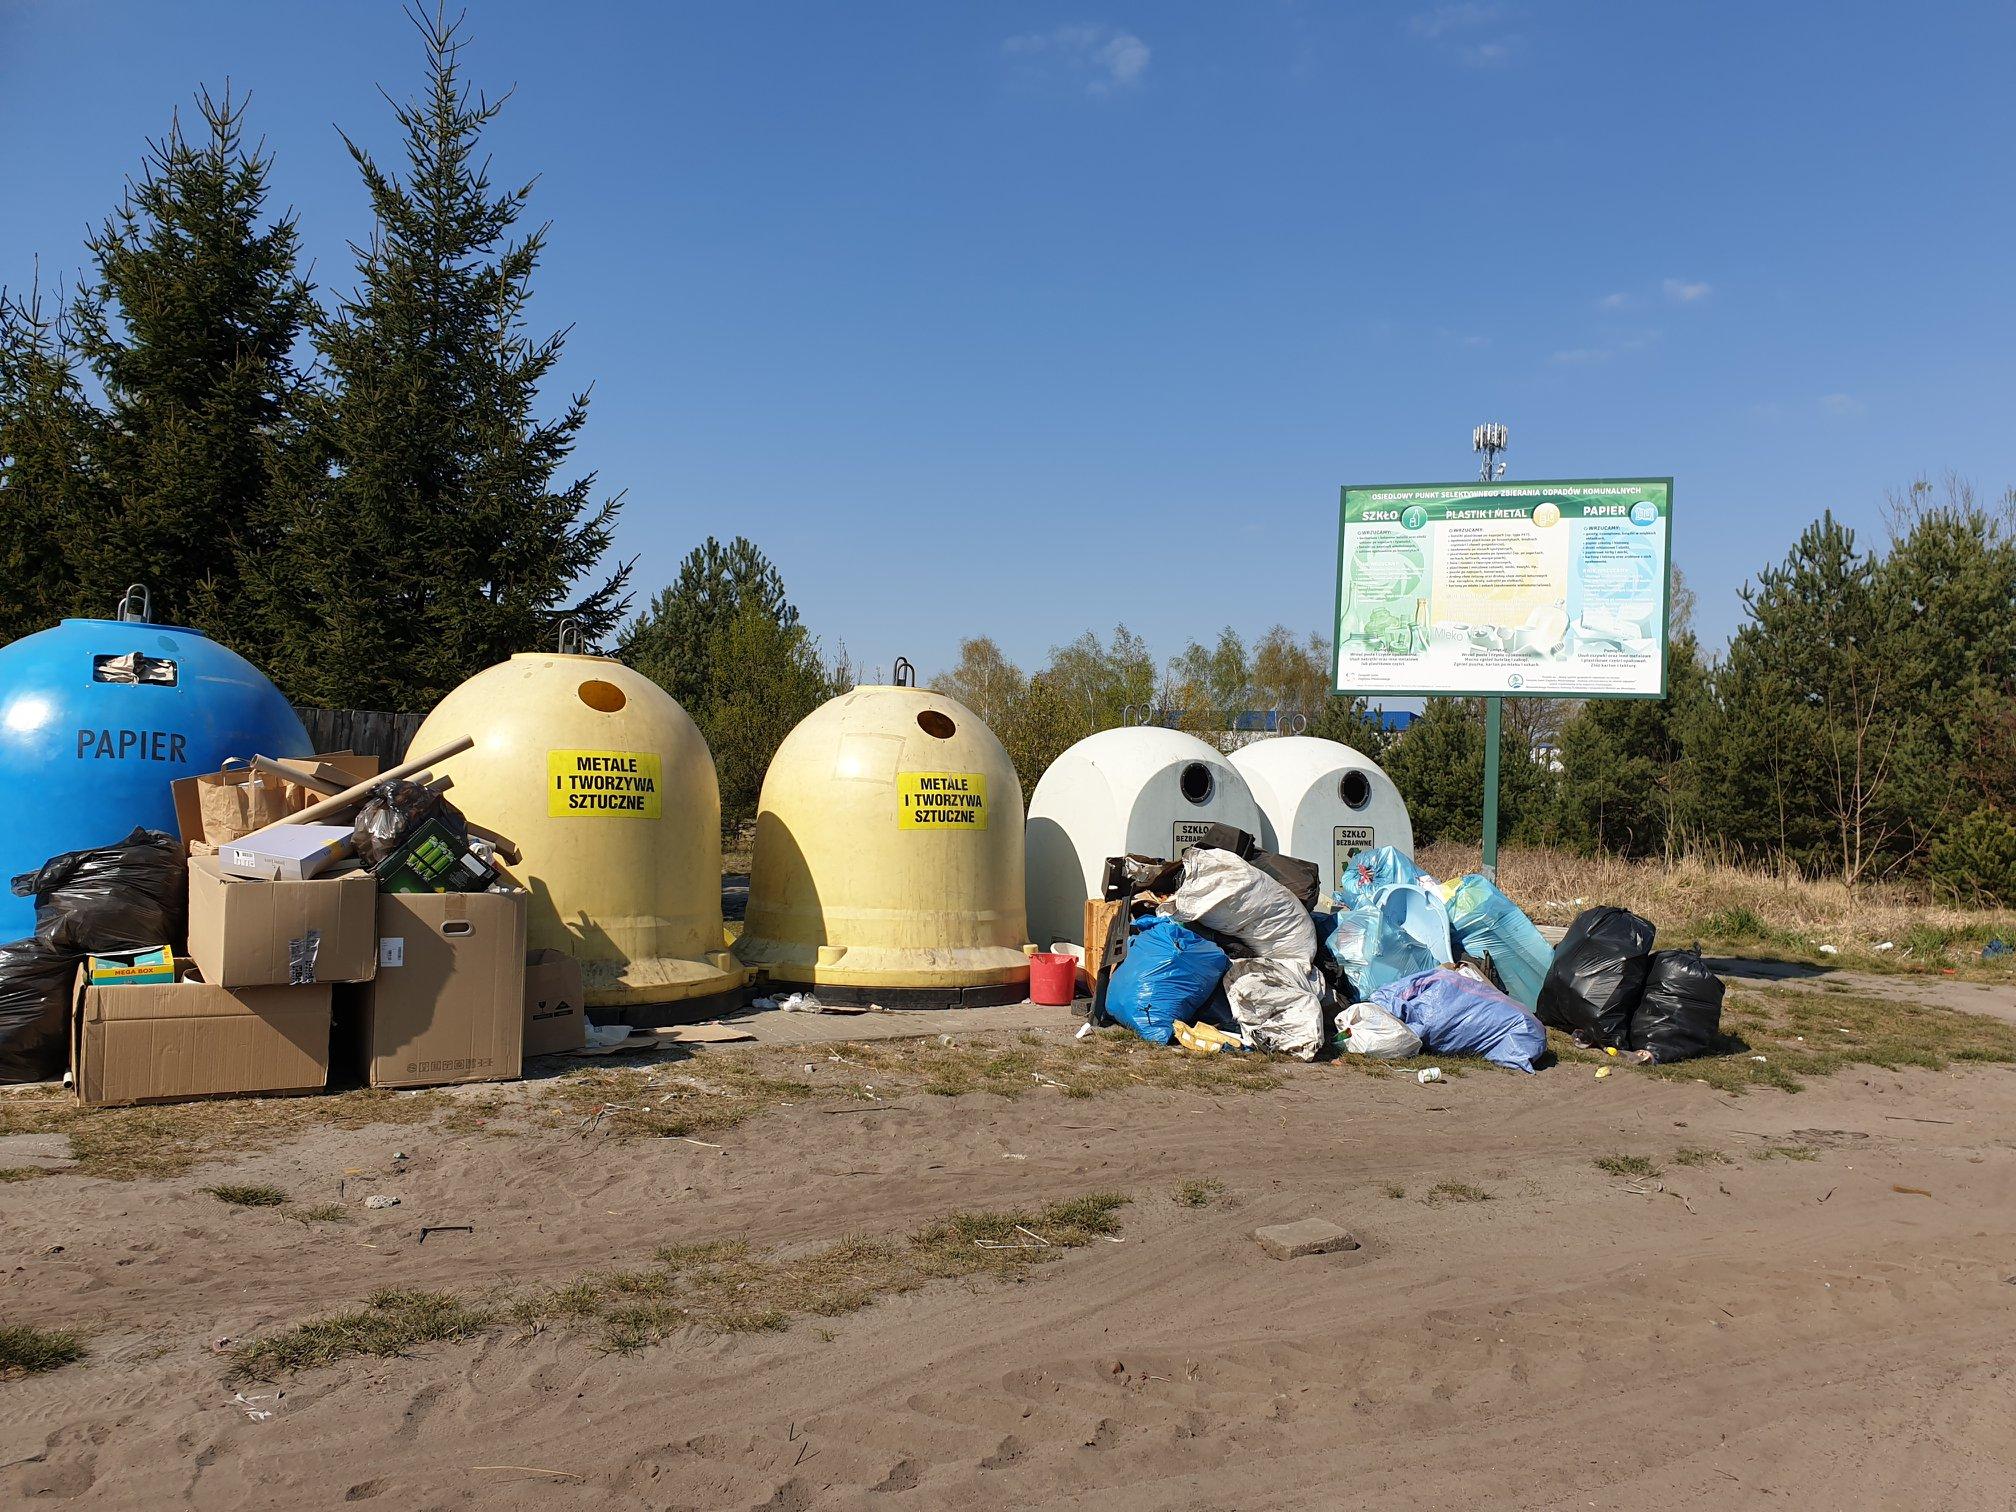 Zmiana cen za śmieci, ostre komentarze i decyzja radnych